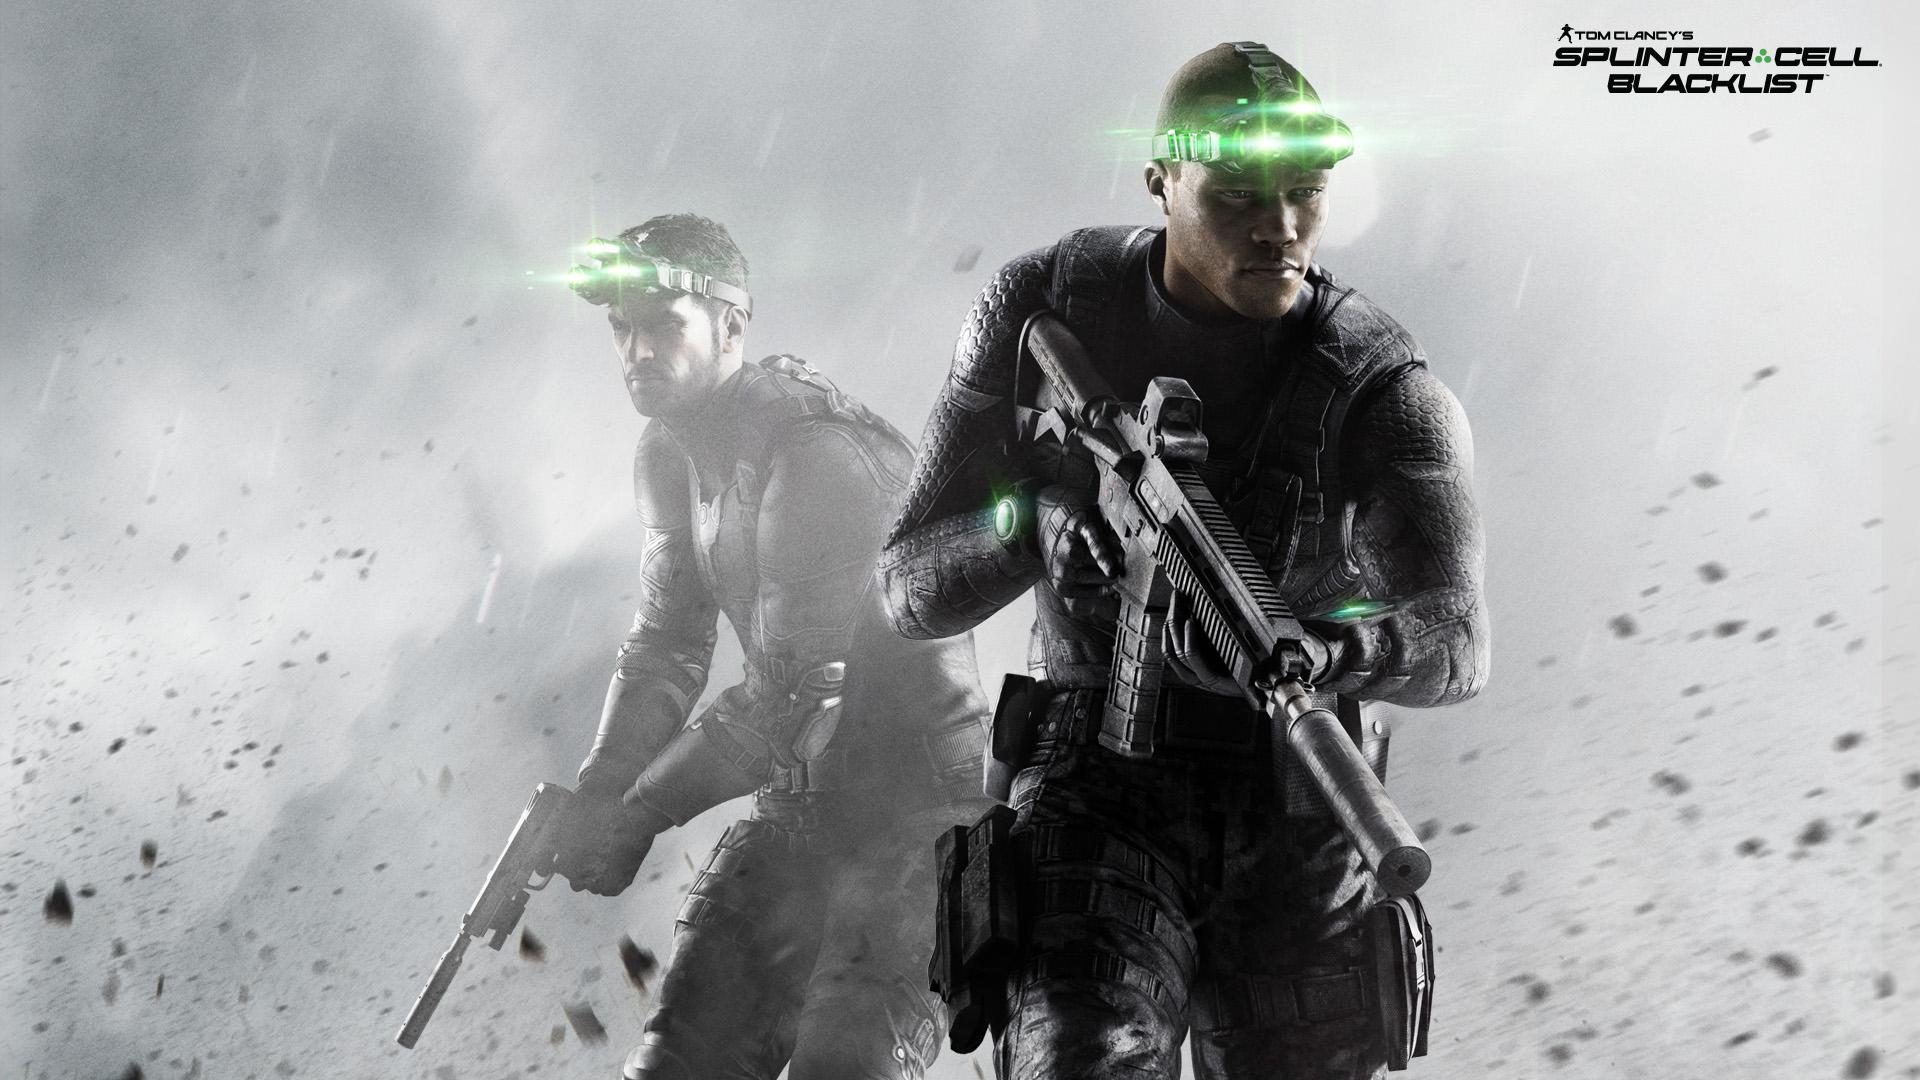 Tom Clancys Splinter Cell Blacklist Full HD Wallpaper